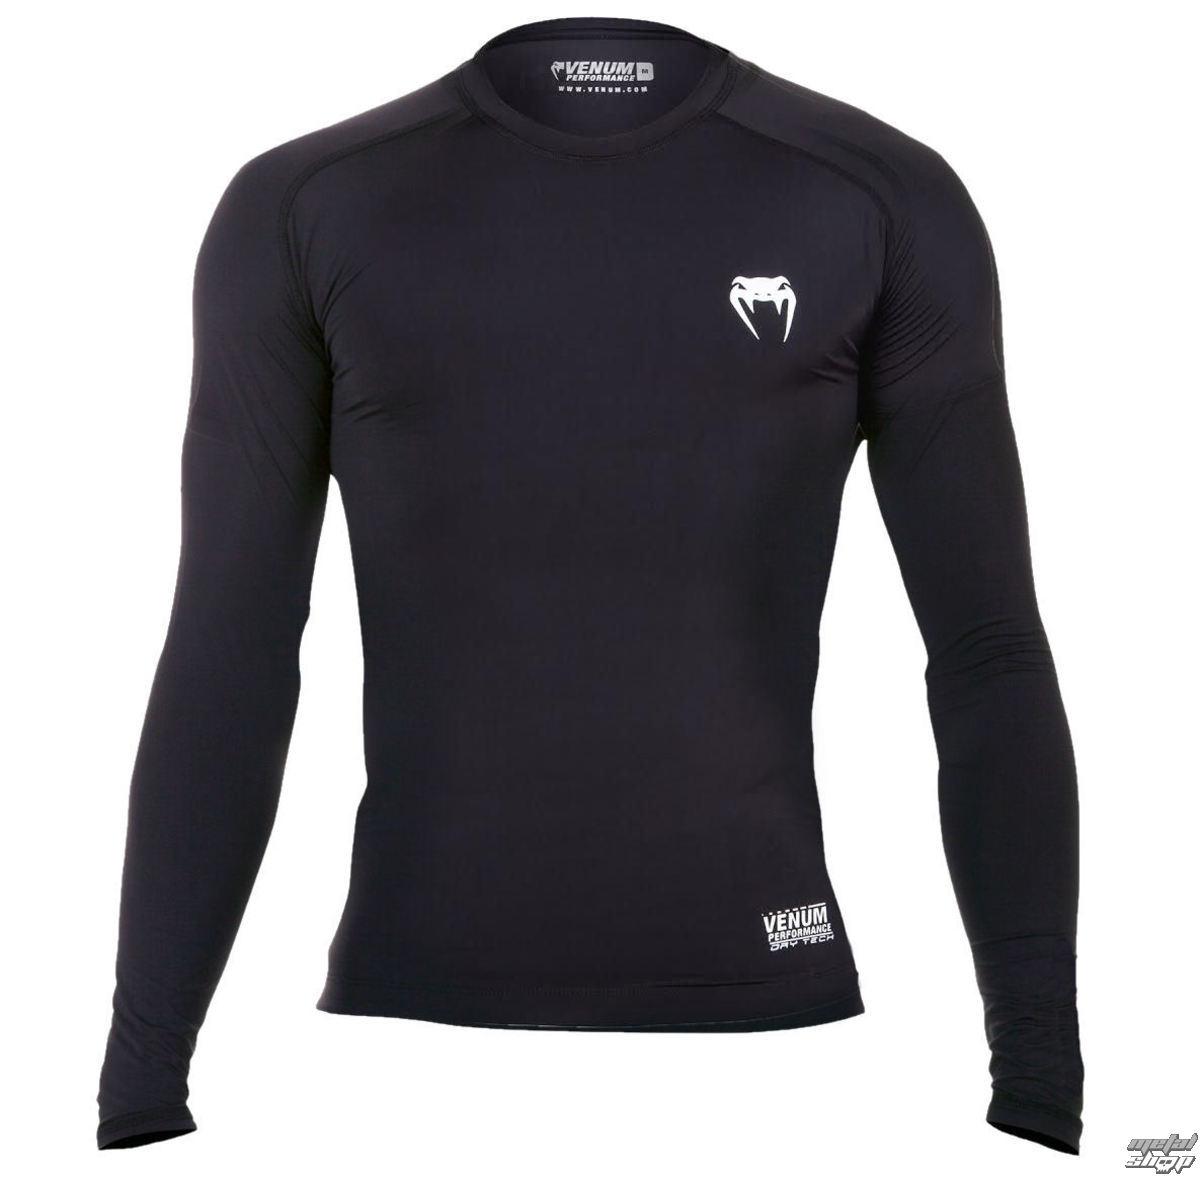 tričko pánské s dlouhým rukávem (termo) VENUM - Contender 2.0 Compression - Black/Ice - EU-VENUM-132